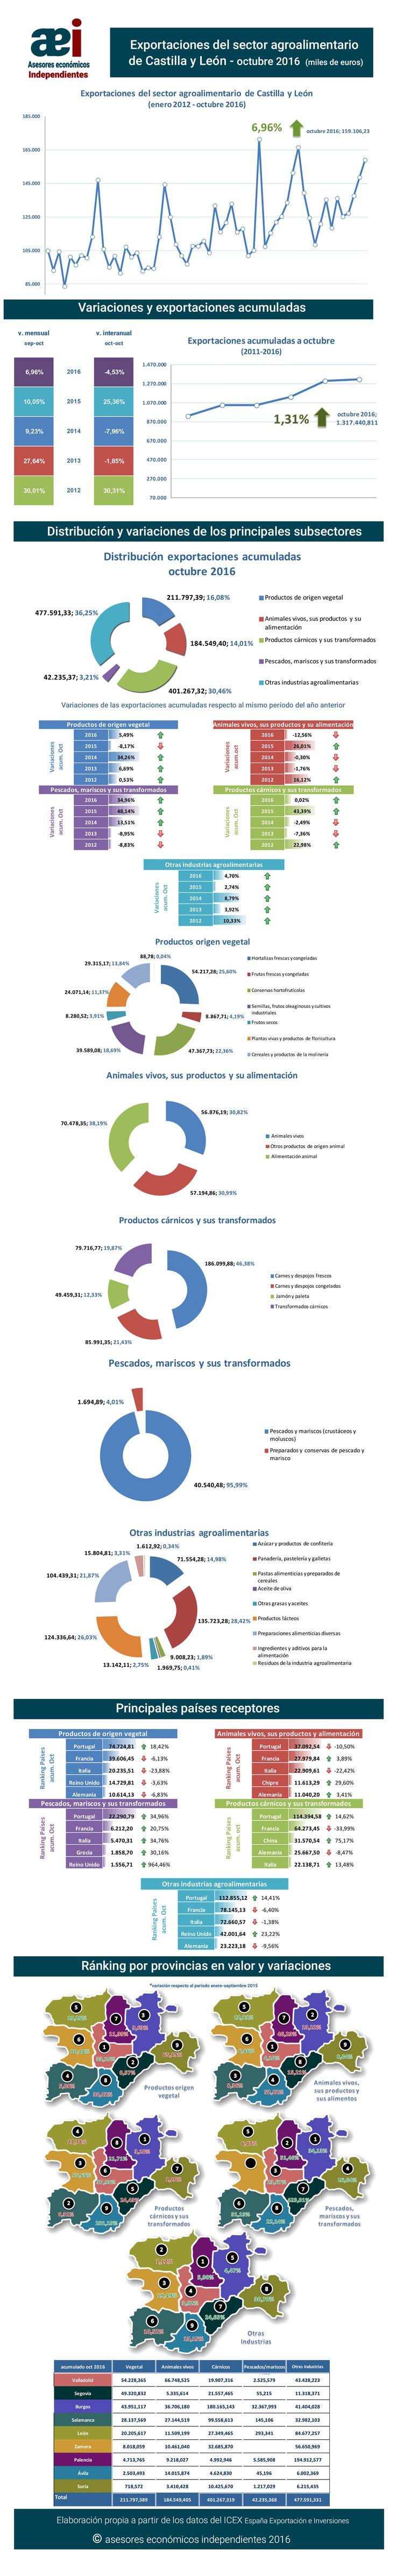 infografía de exportaciones del sector agroalimentario de Castilla y León en el mes de octubre 2016 realizada por Javier Méndez Lirón para asesores económicos independientes